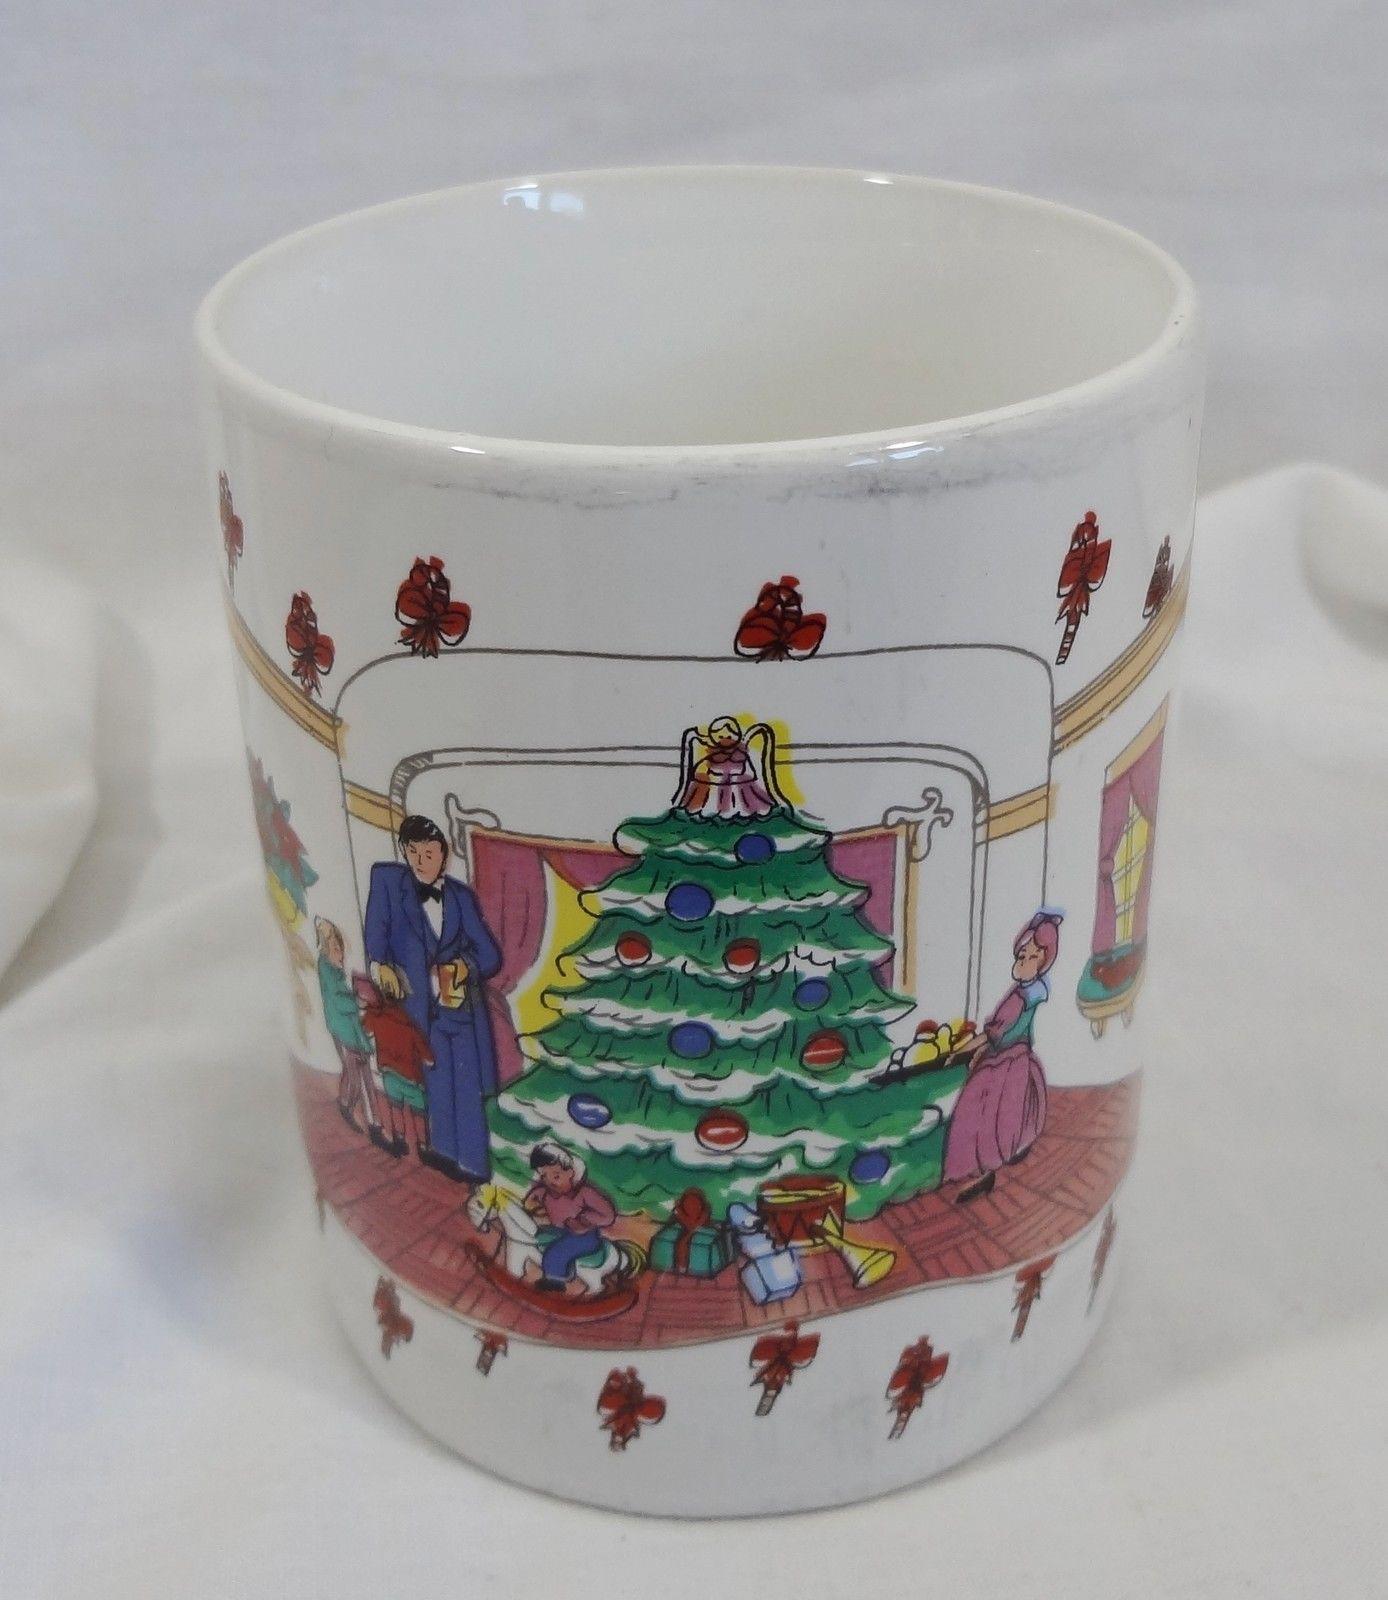 Christmas Tree Living Room Family 8 oz Coffee Mug Cup